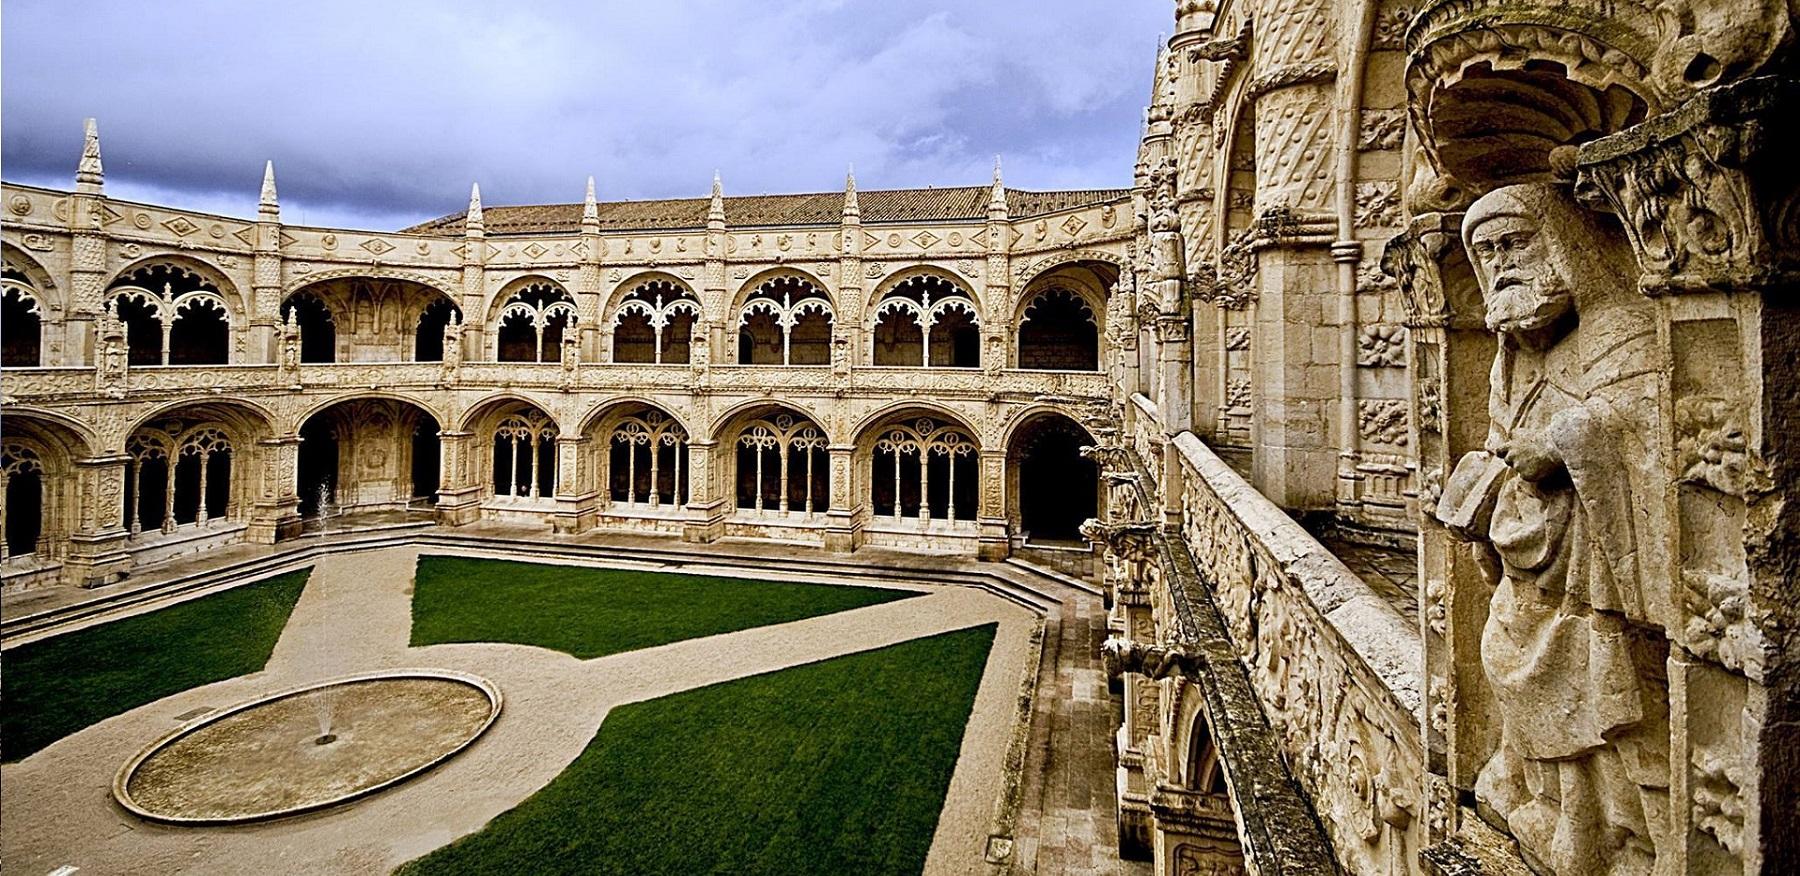 Full Day Tour In Lisbon